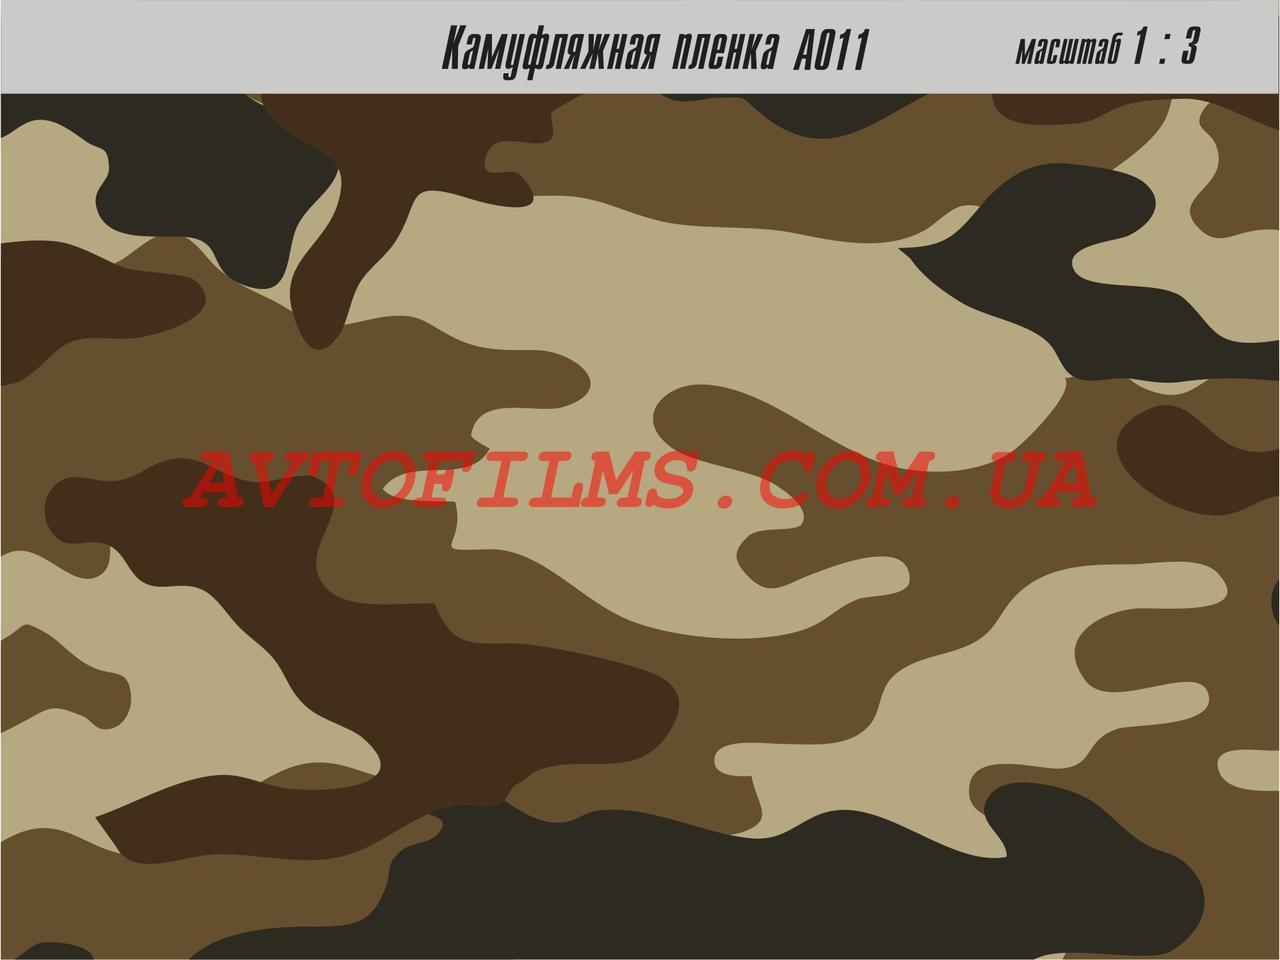 Коричневые пятна камуфляж KPMF A011